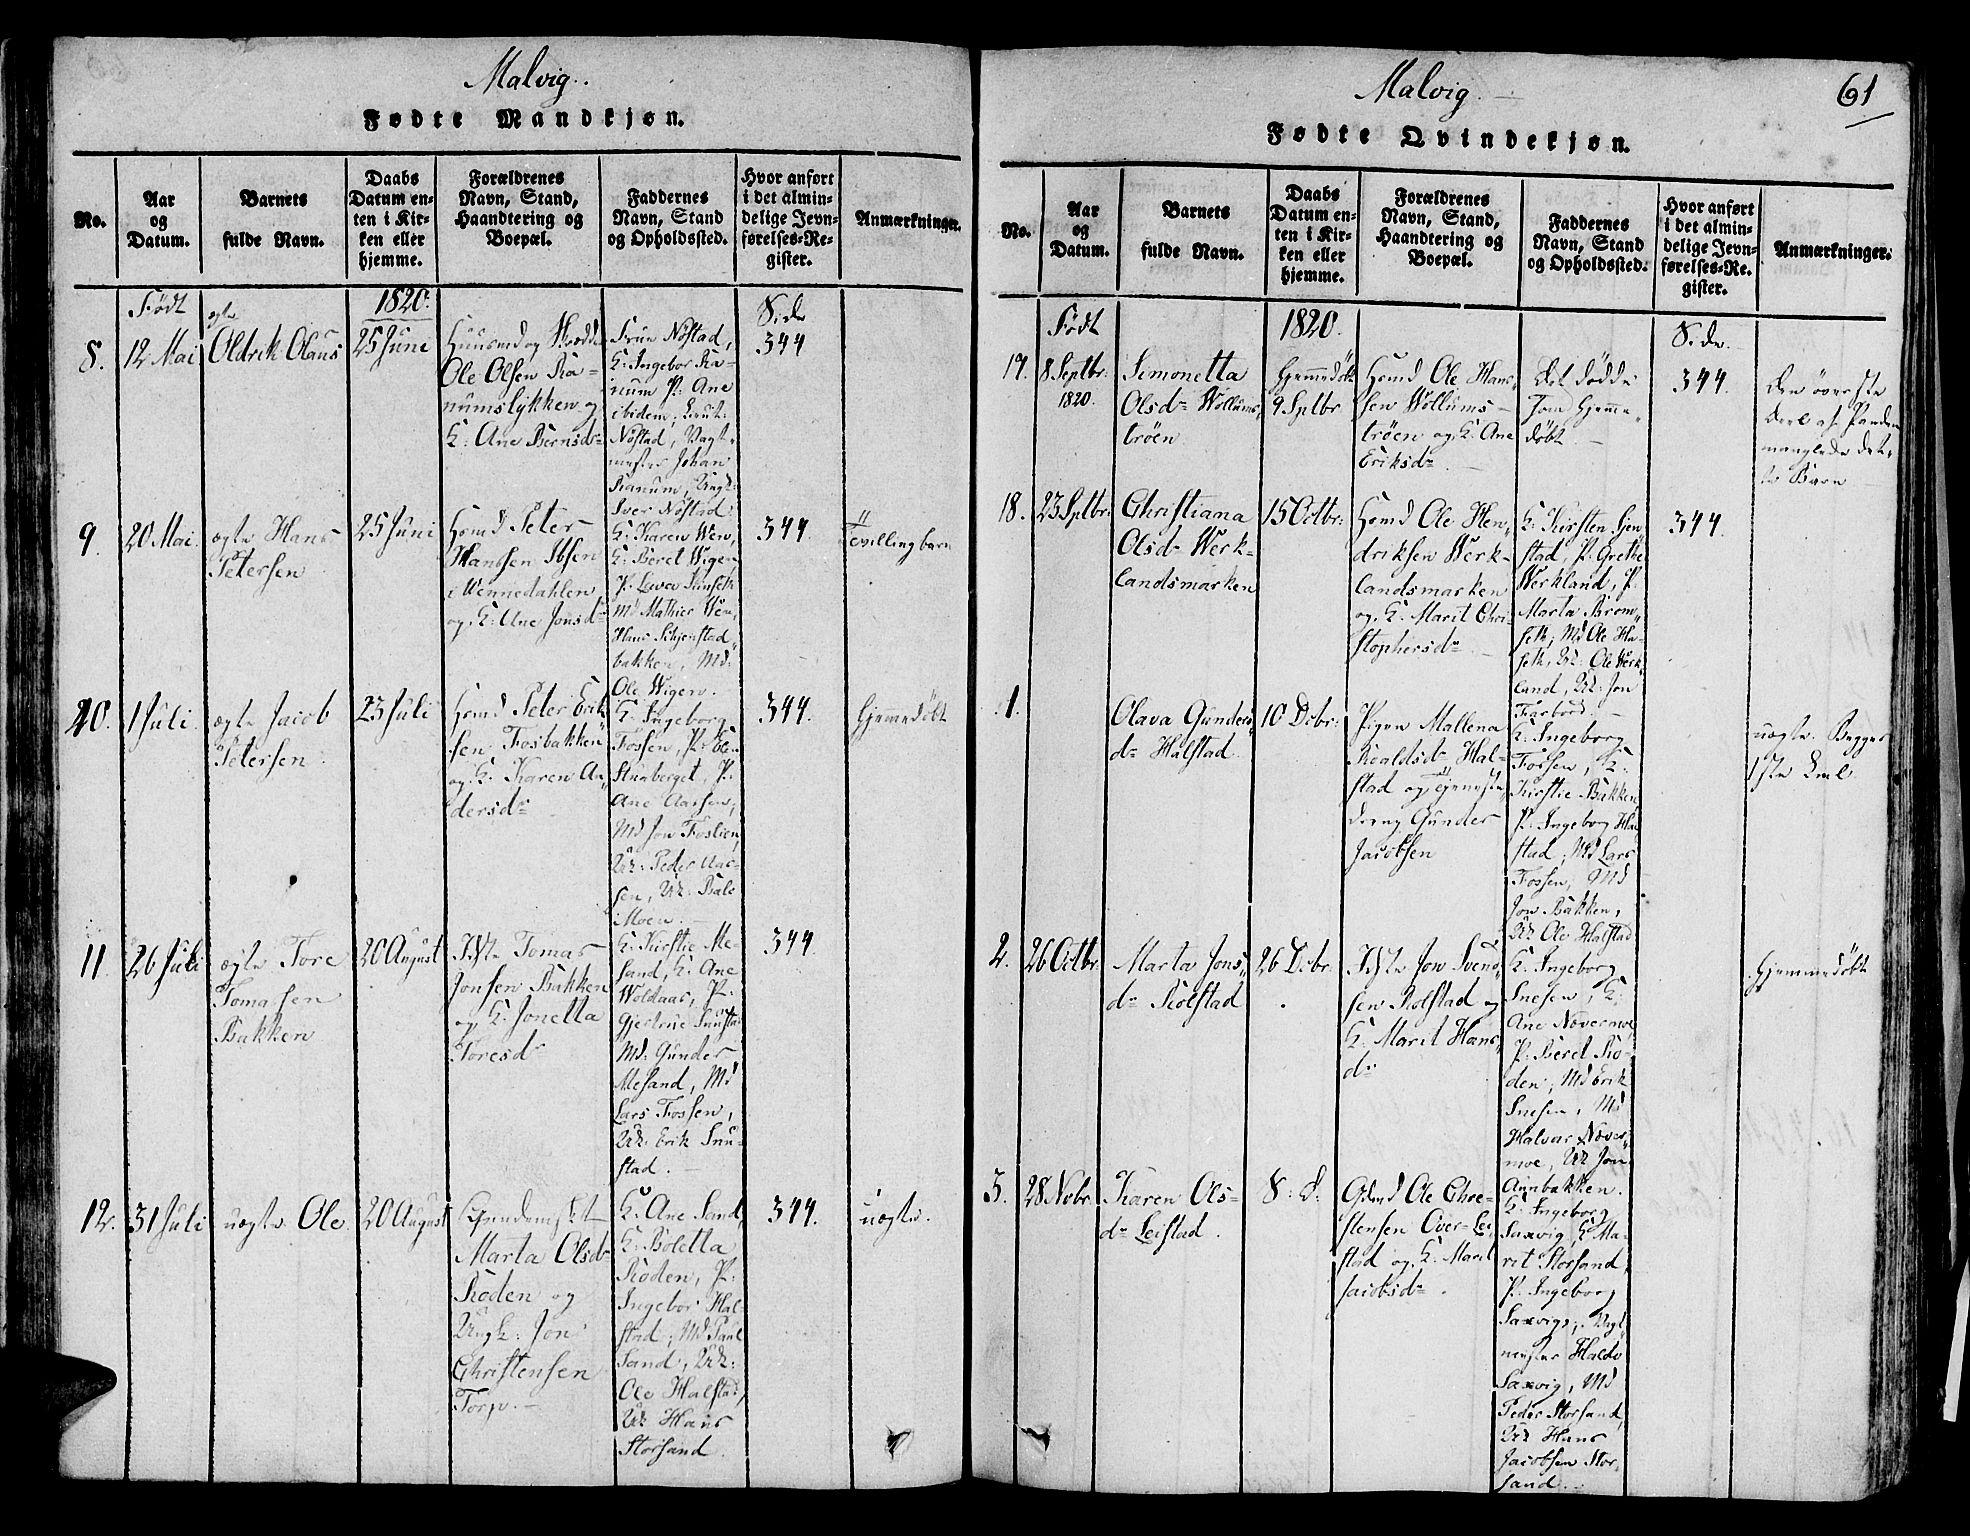 SAT, Ministerialprotokoller, klokkerbøker og fødselsregistre - Sør-Trøndelag, 606/L0284: Ministerialbok nr. 606A03 /2, 1819-1823, s. 61